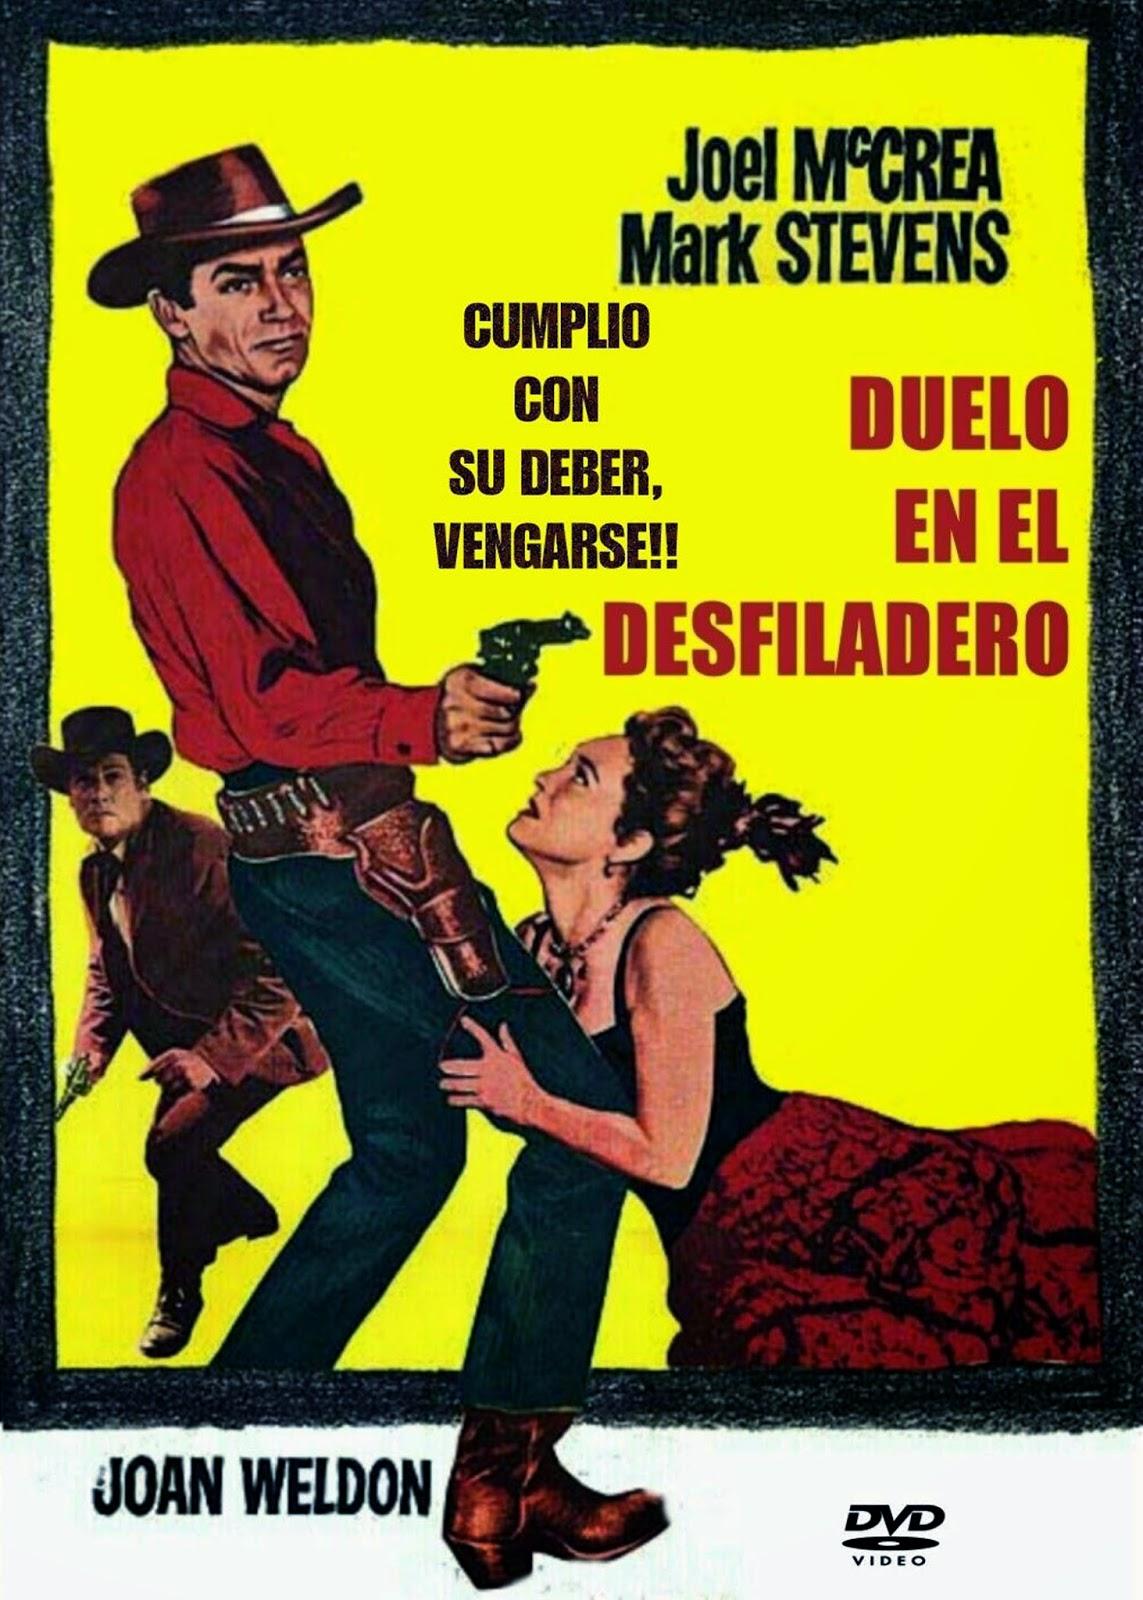 Duelo En El Desfiladero (1957)